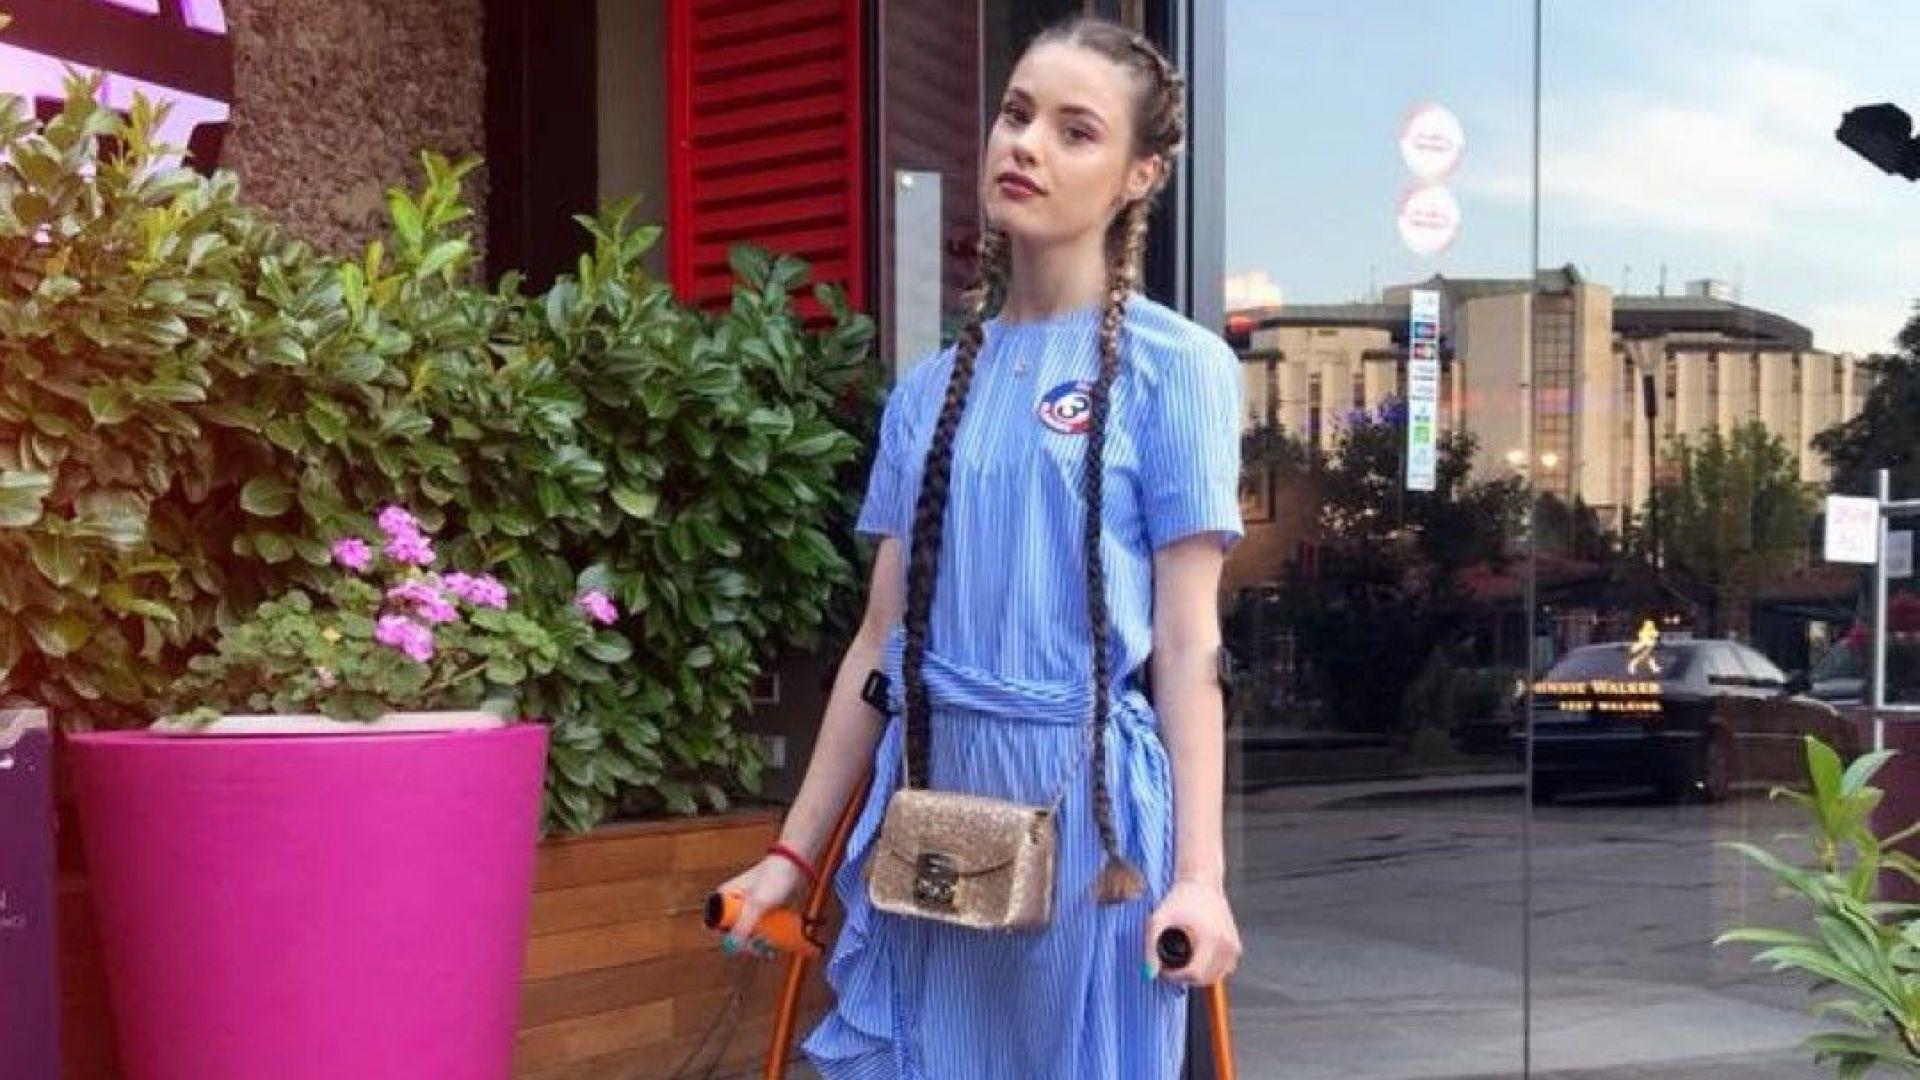 Кристин Илиева отпразнува 21 с гипс